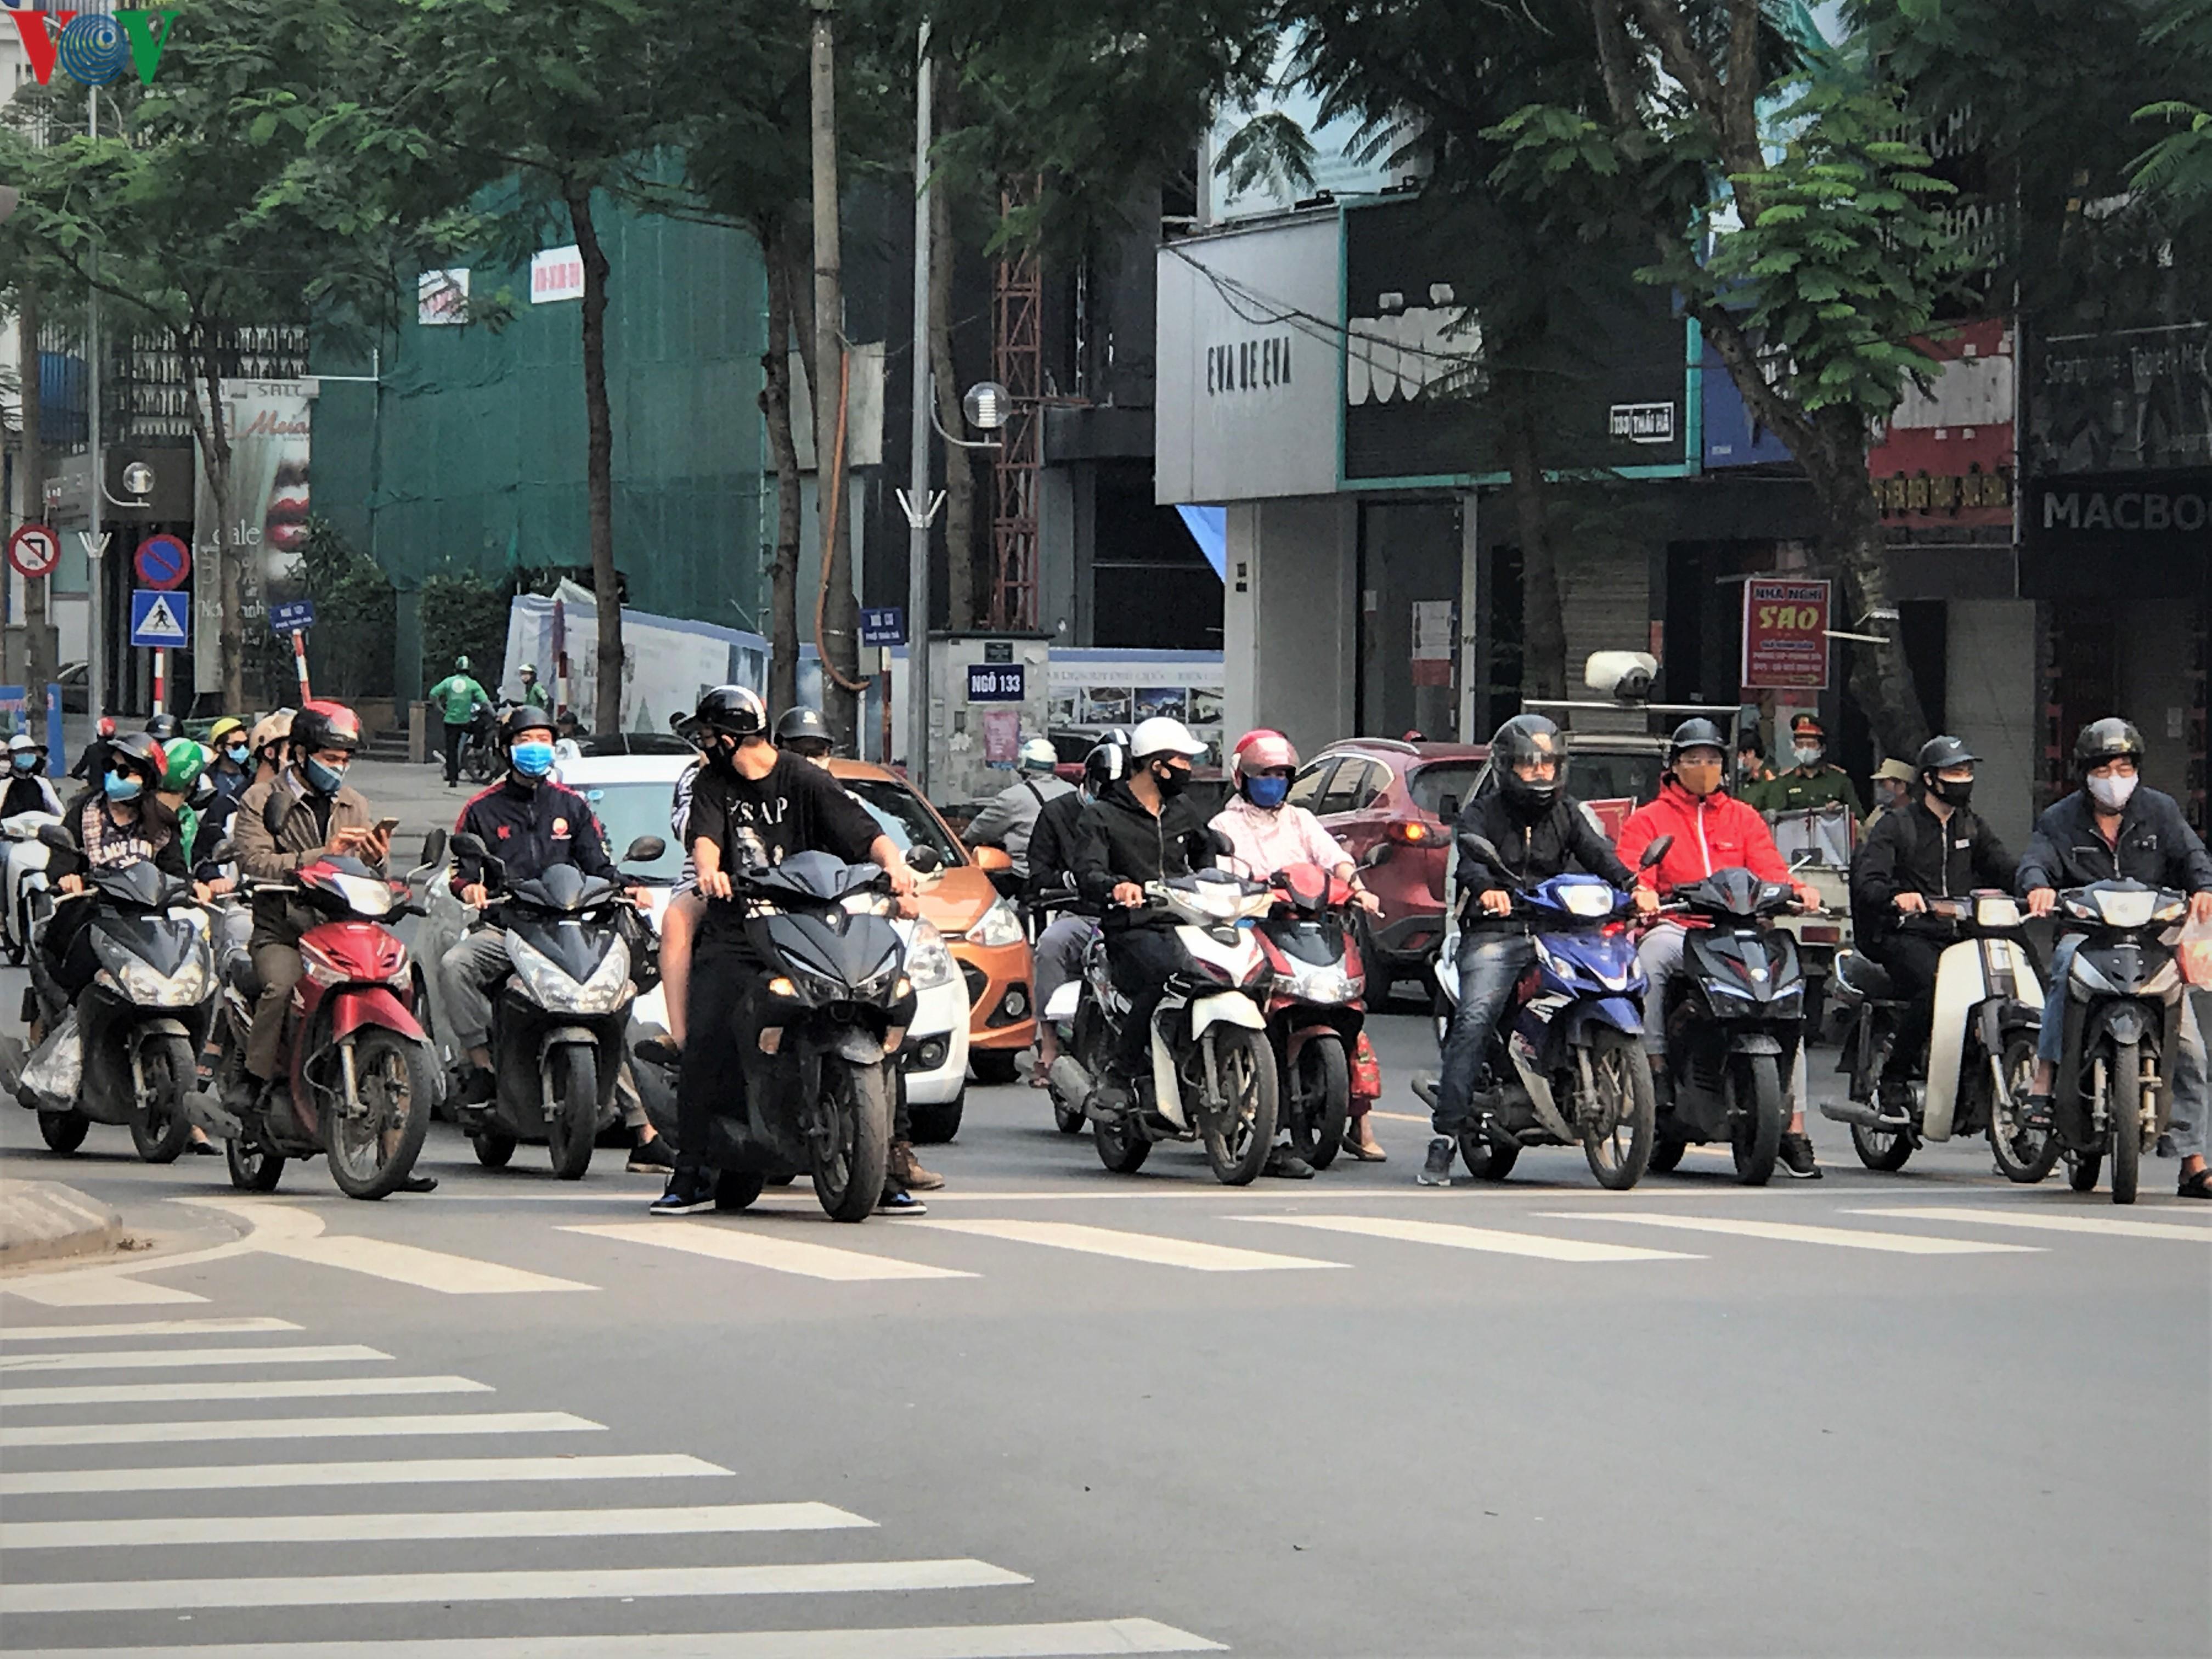 Ngày thứ 9 cách ly xã hội: Người và xe đông chật các ngã tư ở Hà Nội Ảnh 6